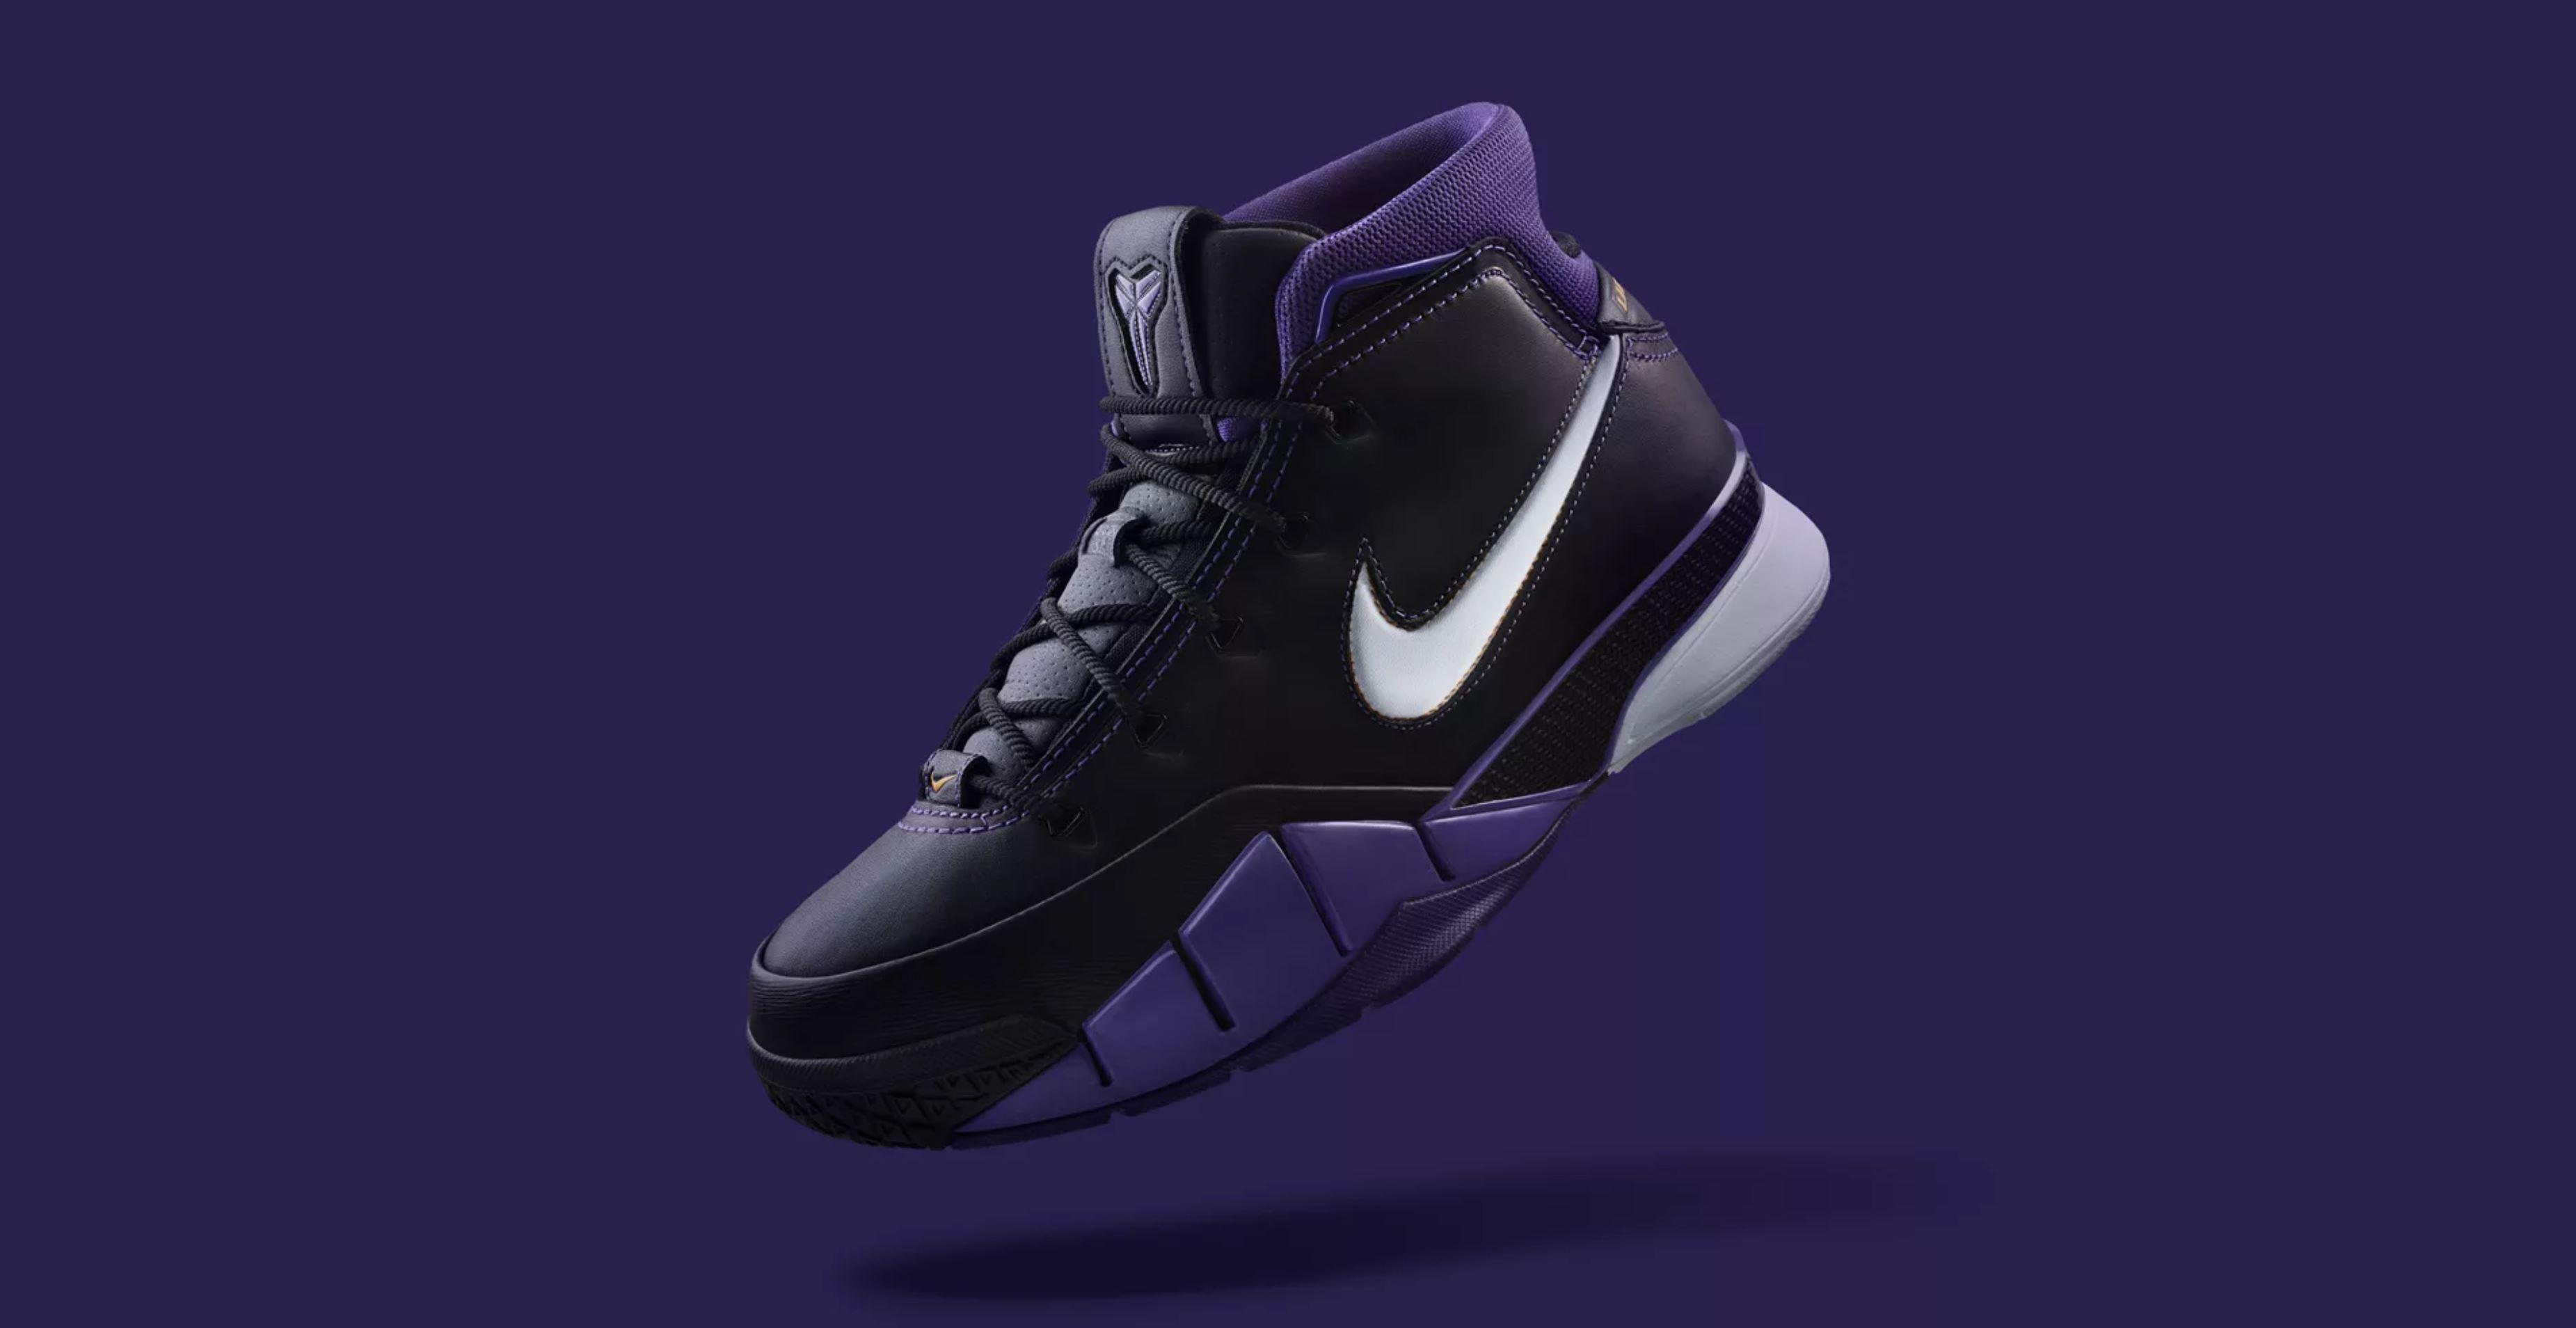 988a6d453c Basketball / Kicks On Court / Nike / Retro Lifestyle ...